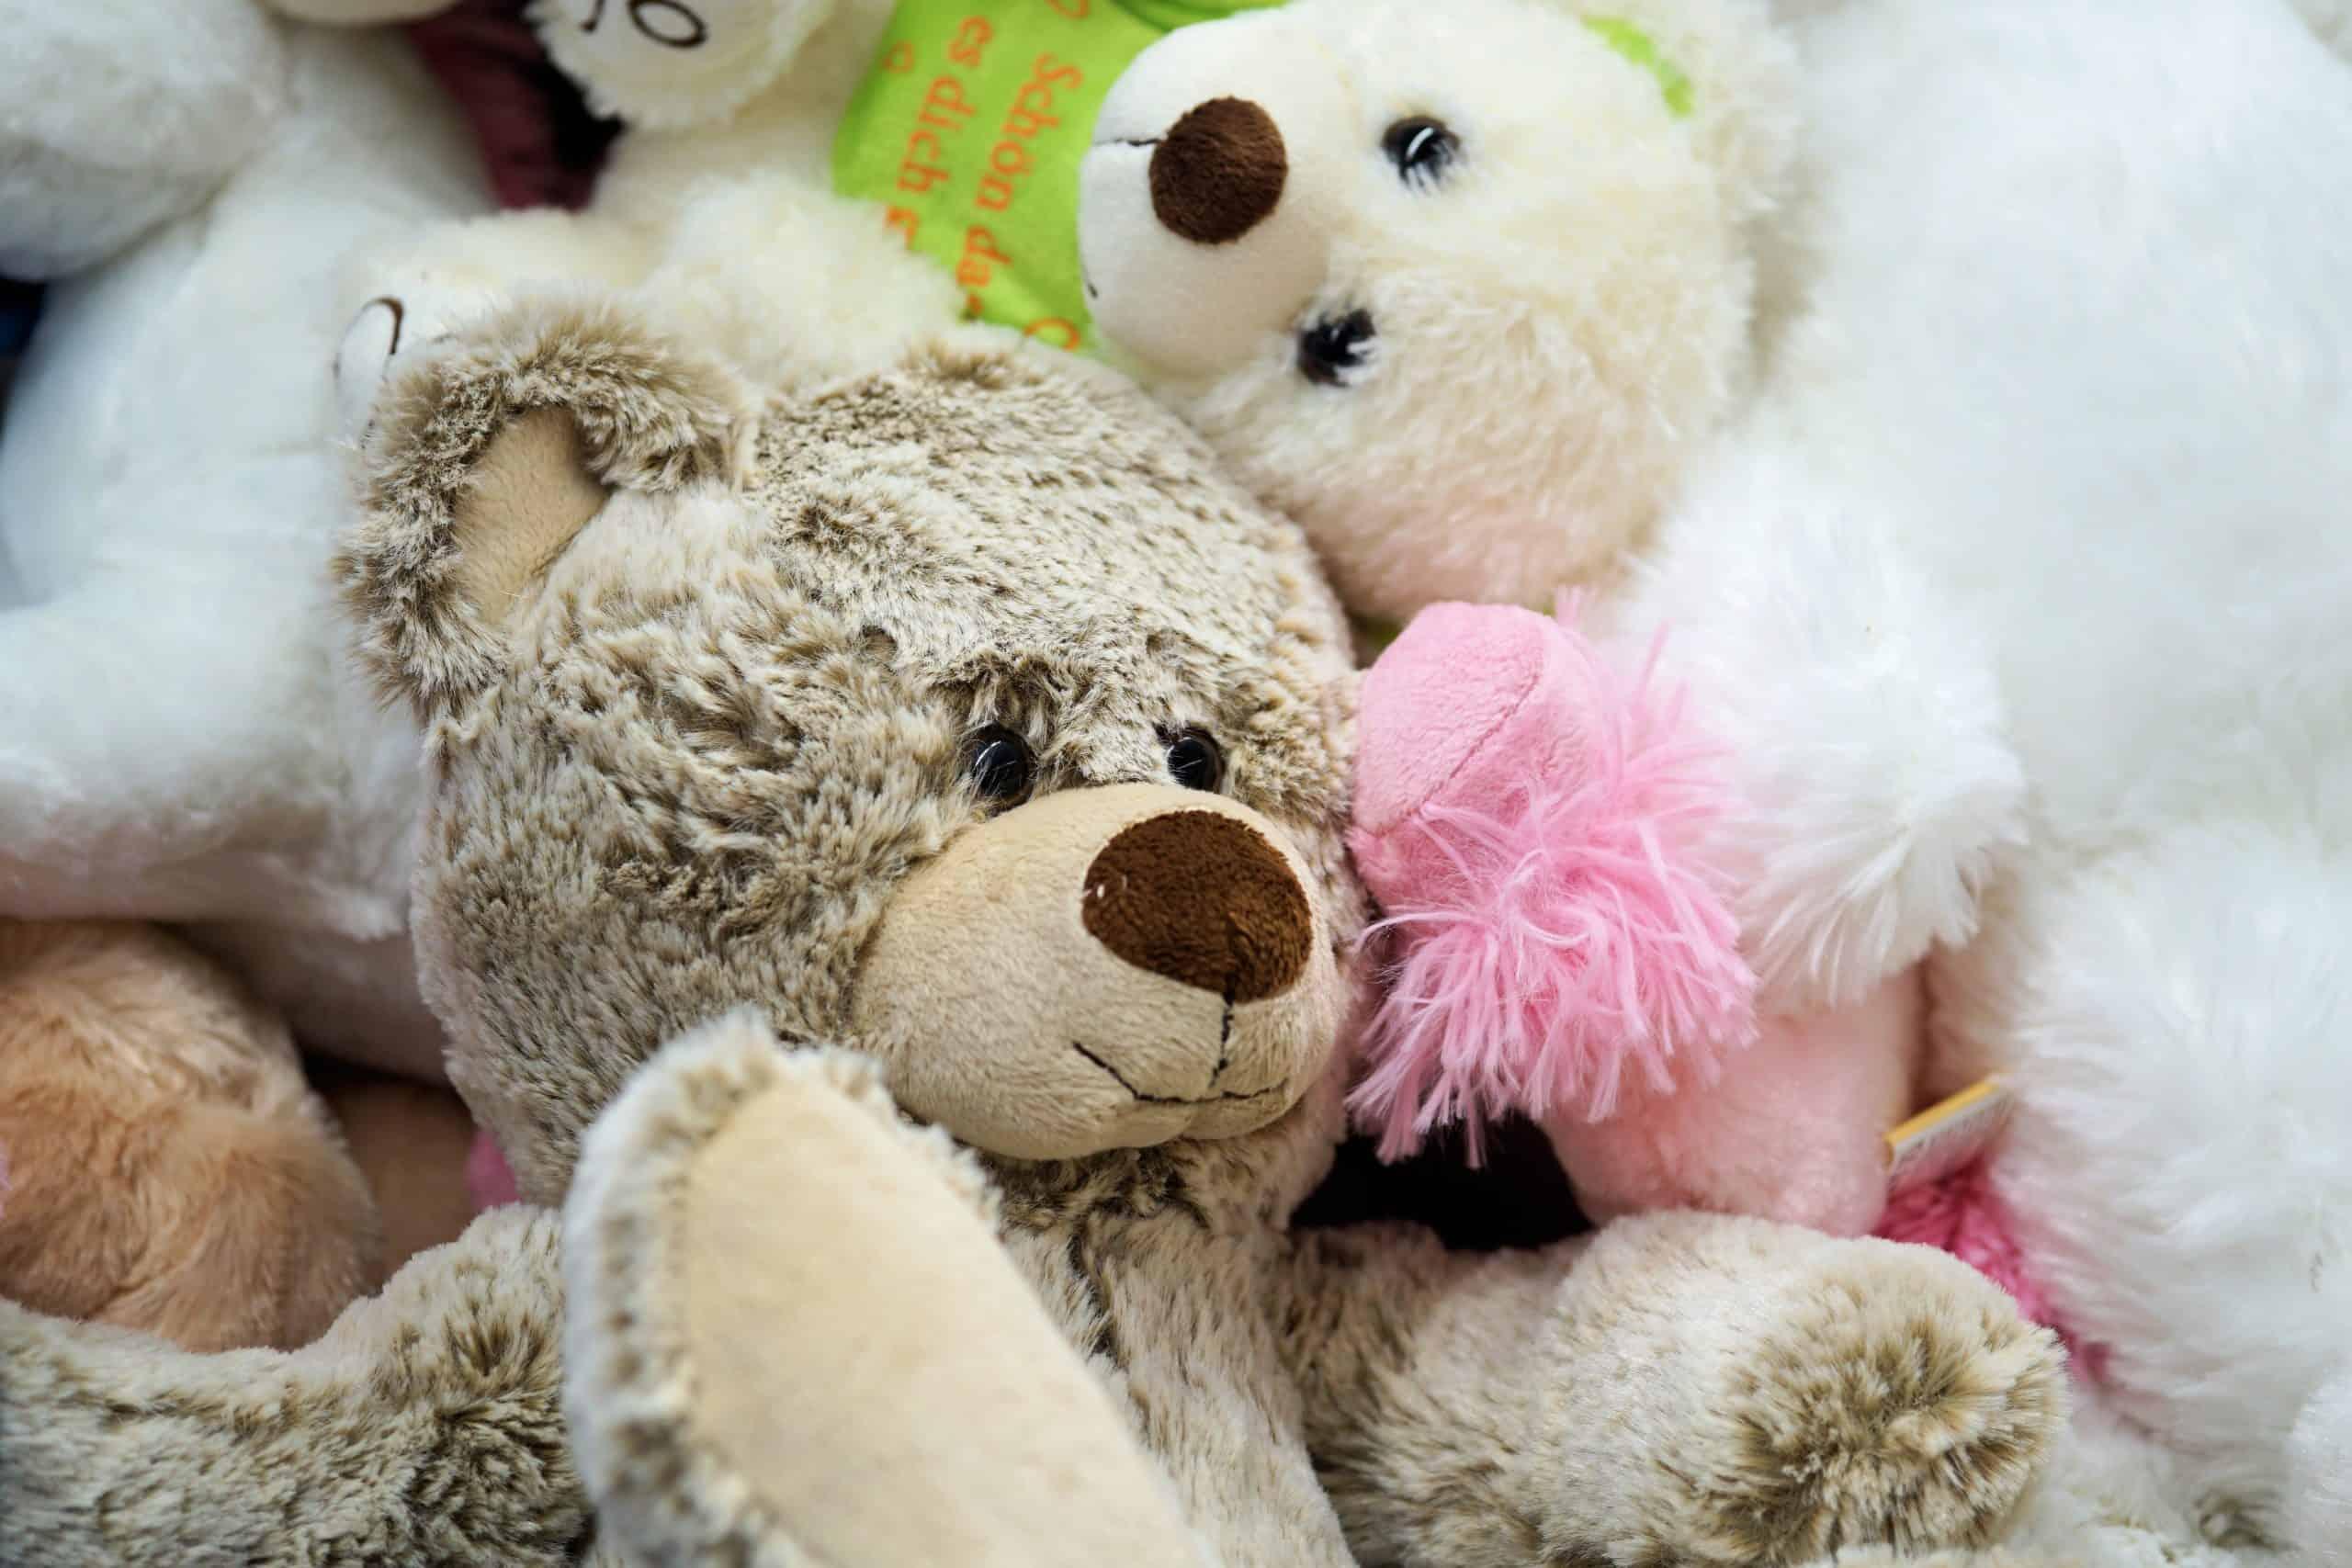 Organizing Toddler Toys: Stuffed Toys